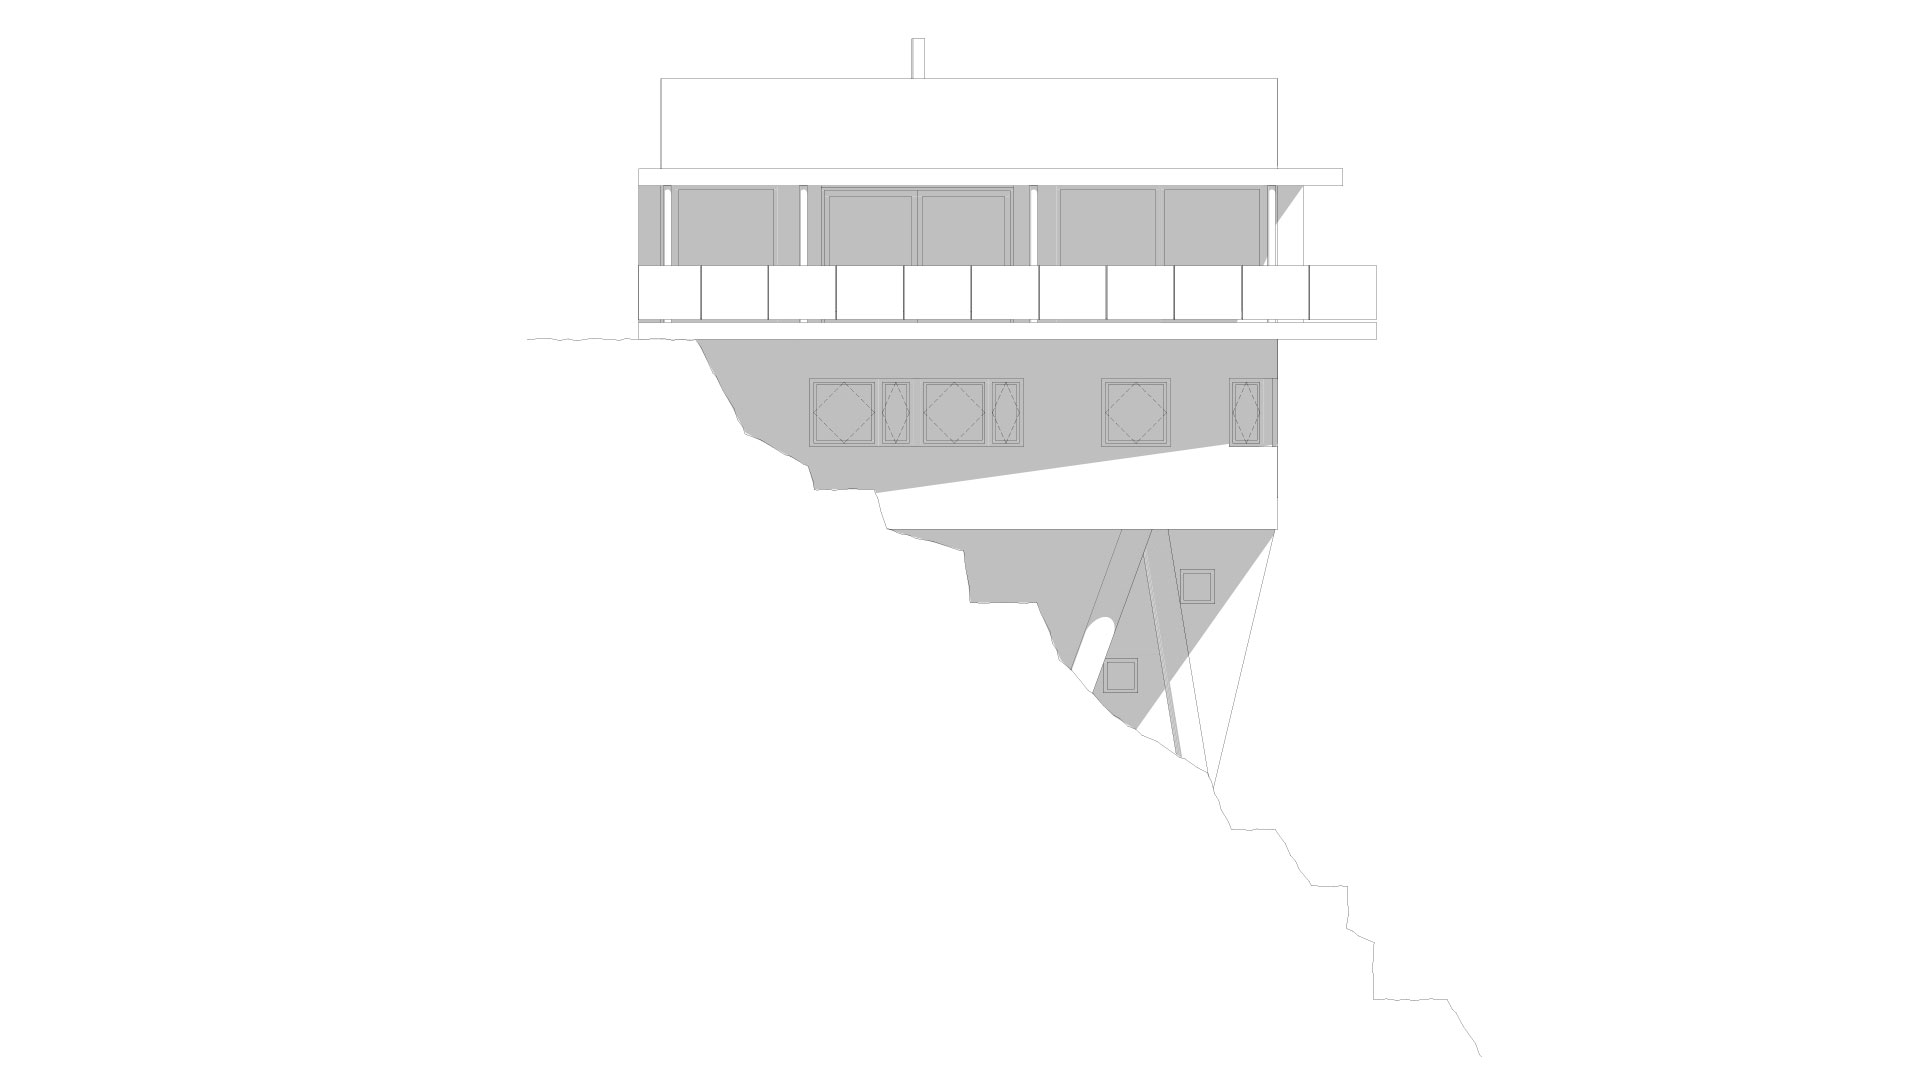 Klippen_Fasade2.jpg